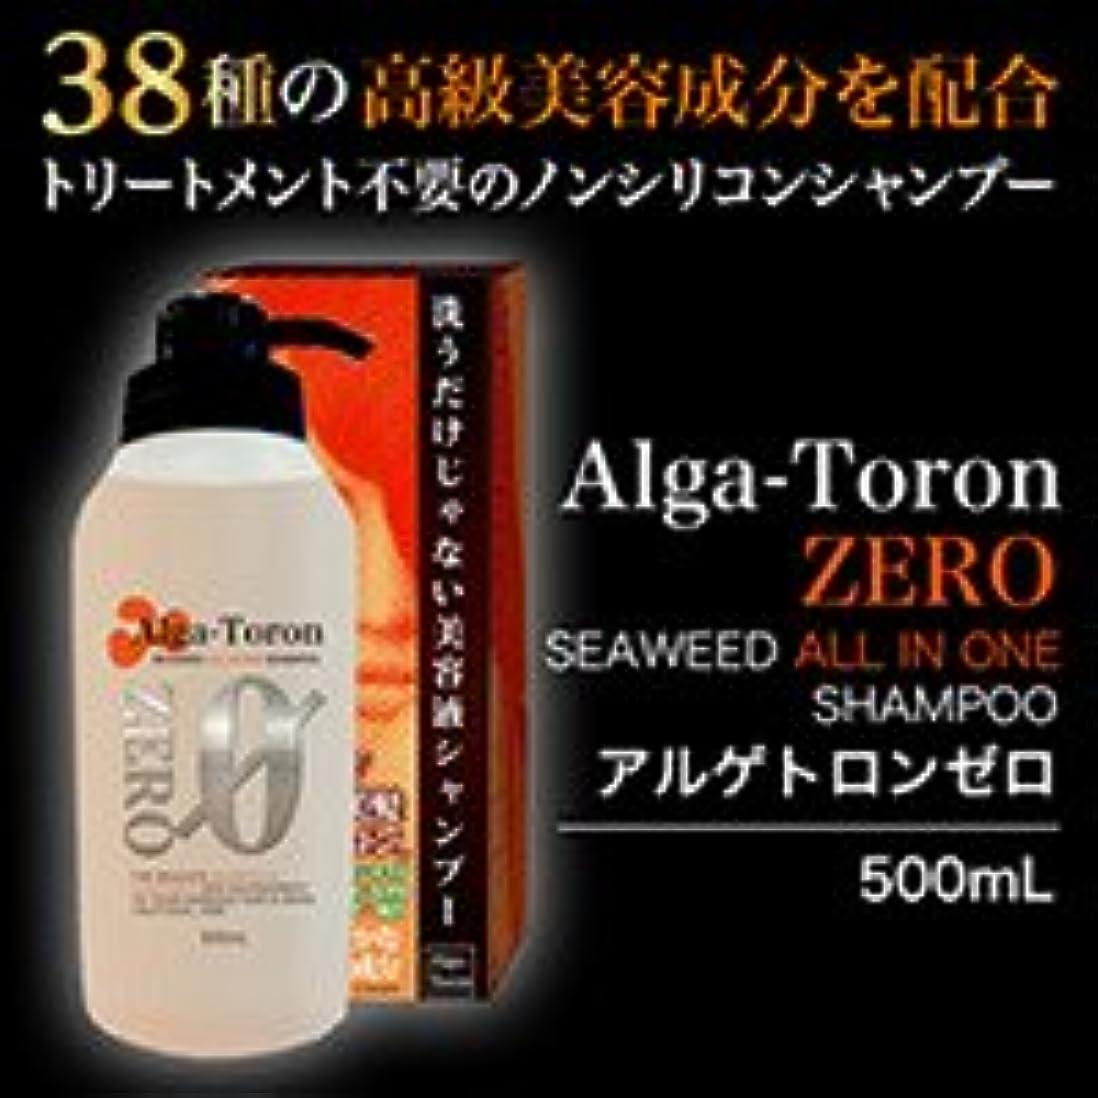 【ケンネット】アルゲトロンゼロシャンプー 500ml ×3個セット